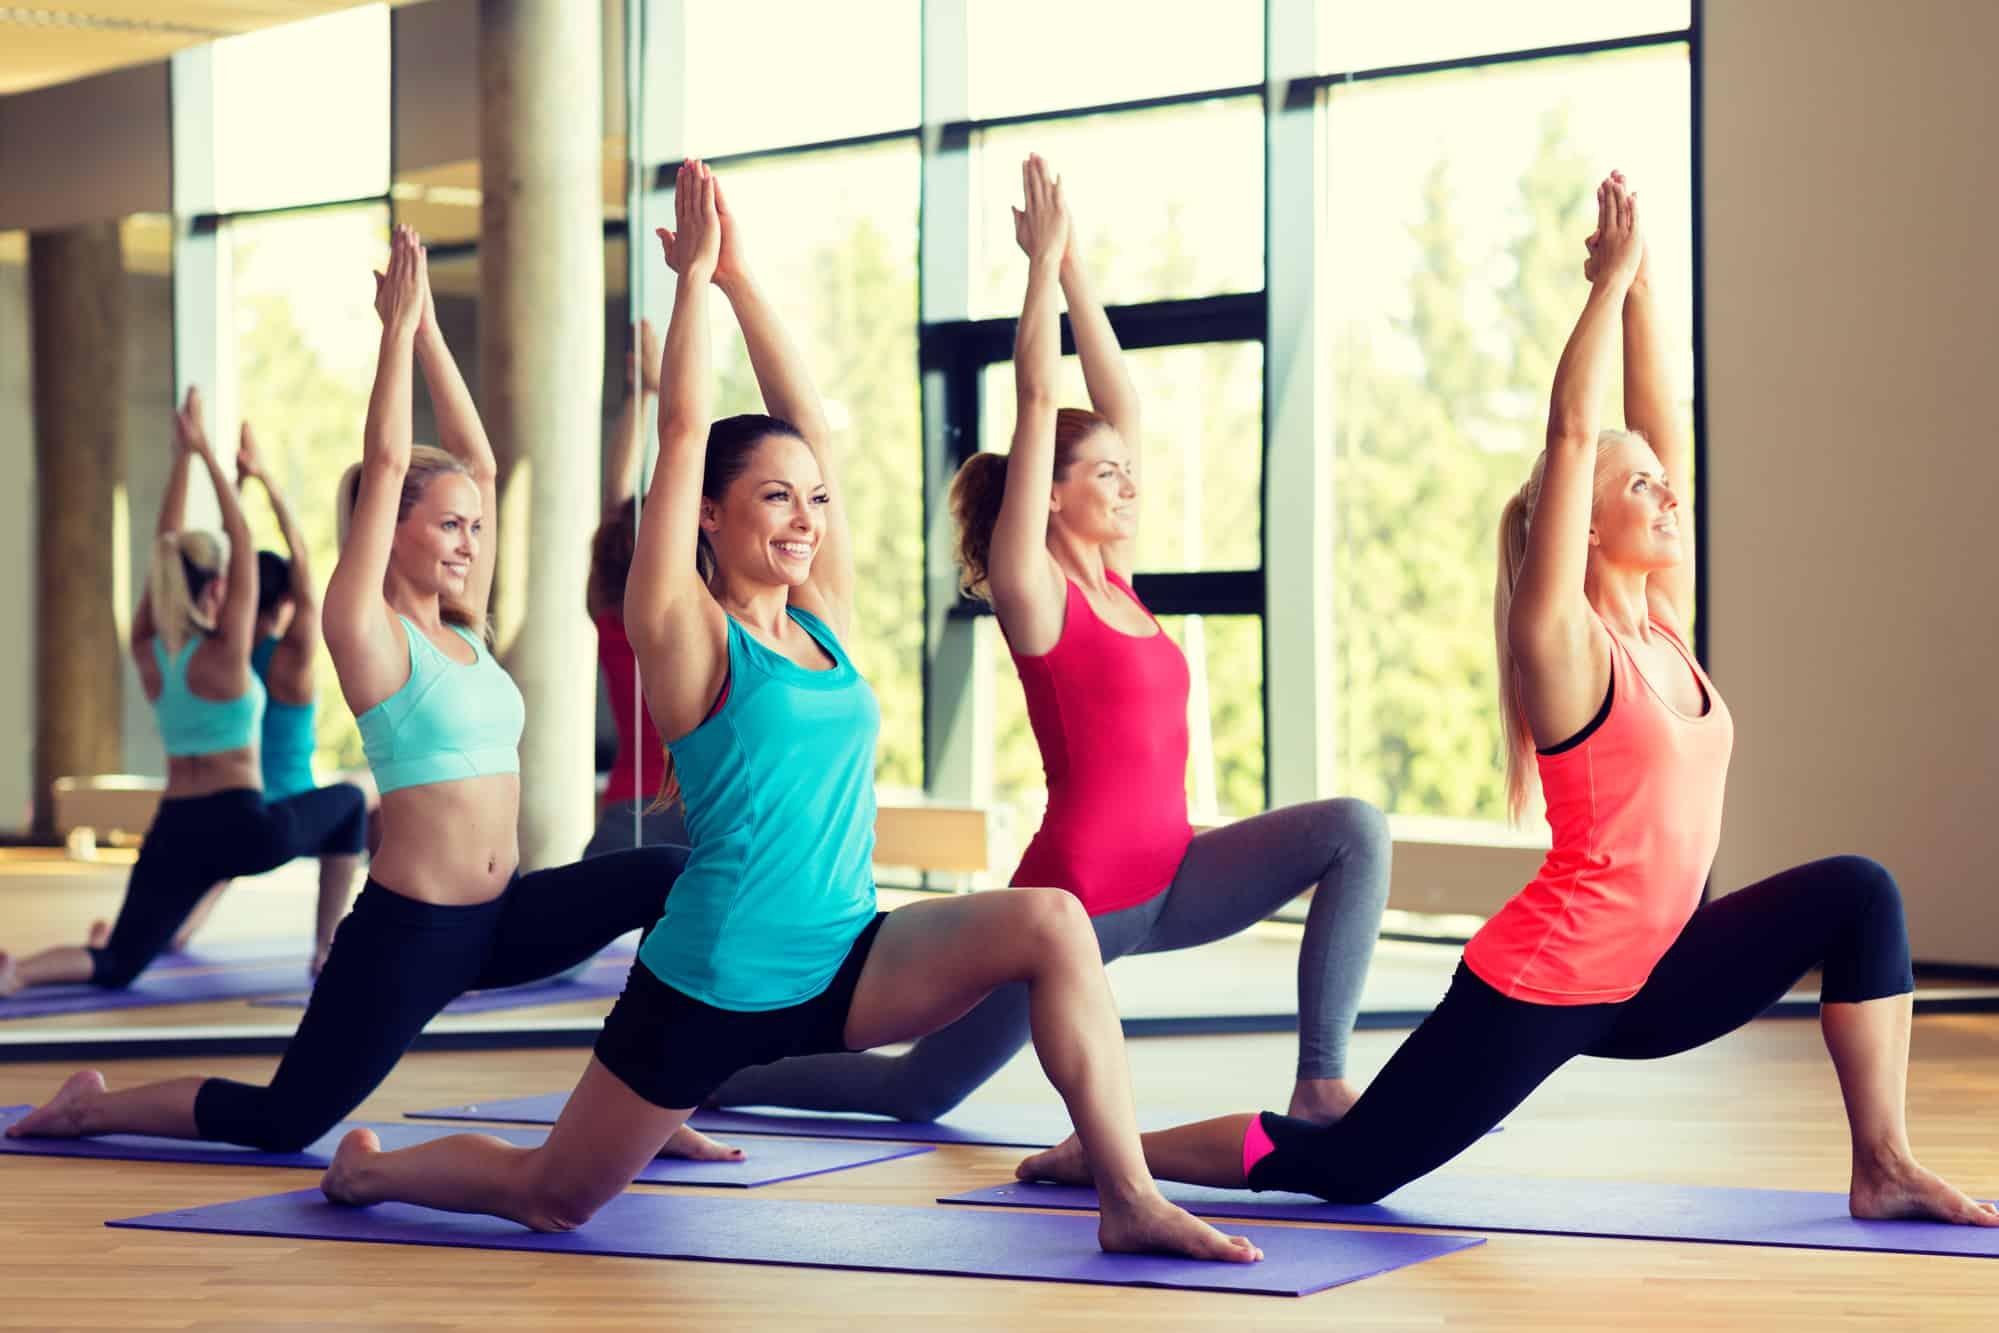 women doing yoga pose during class